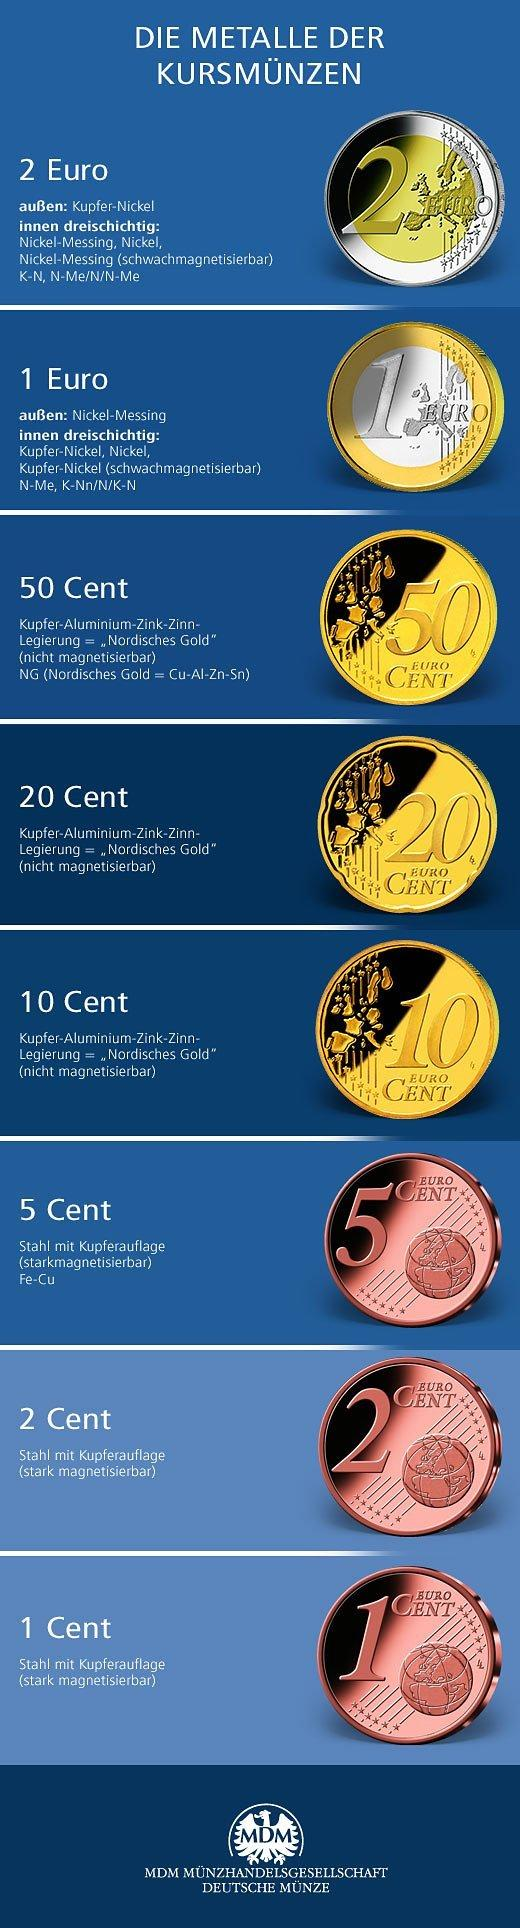 Münzmetalle übersicht Mdm Deutsche Münze